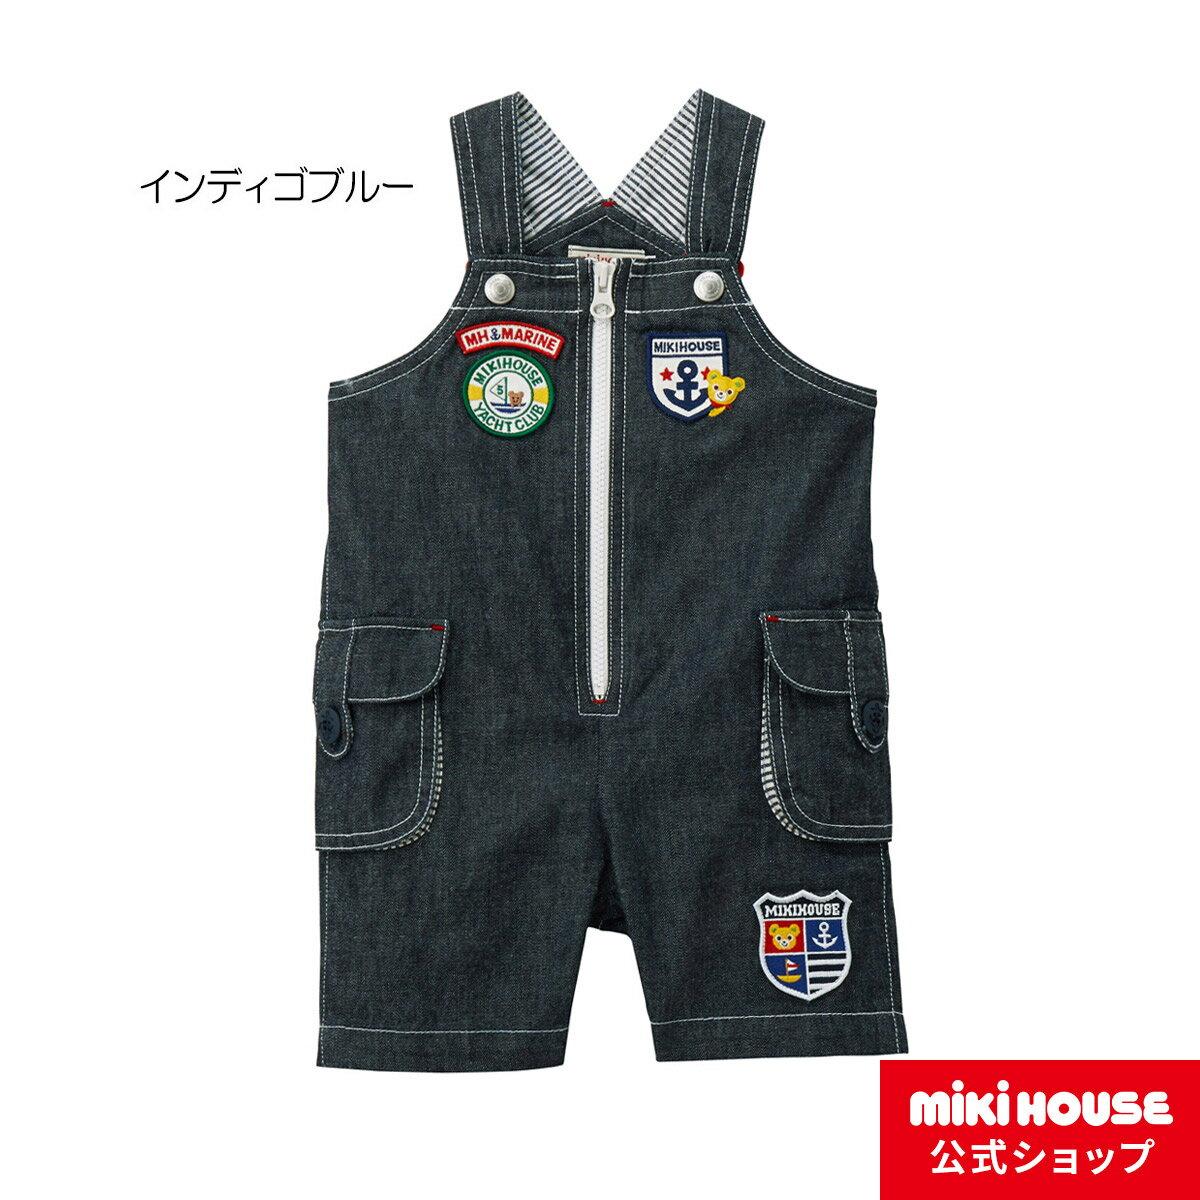 ミキハウス mikihouse マリンワッペン☆プッチー5分丈オーバーオール(70cm・80cm・90cm)